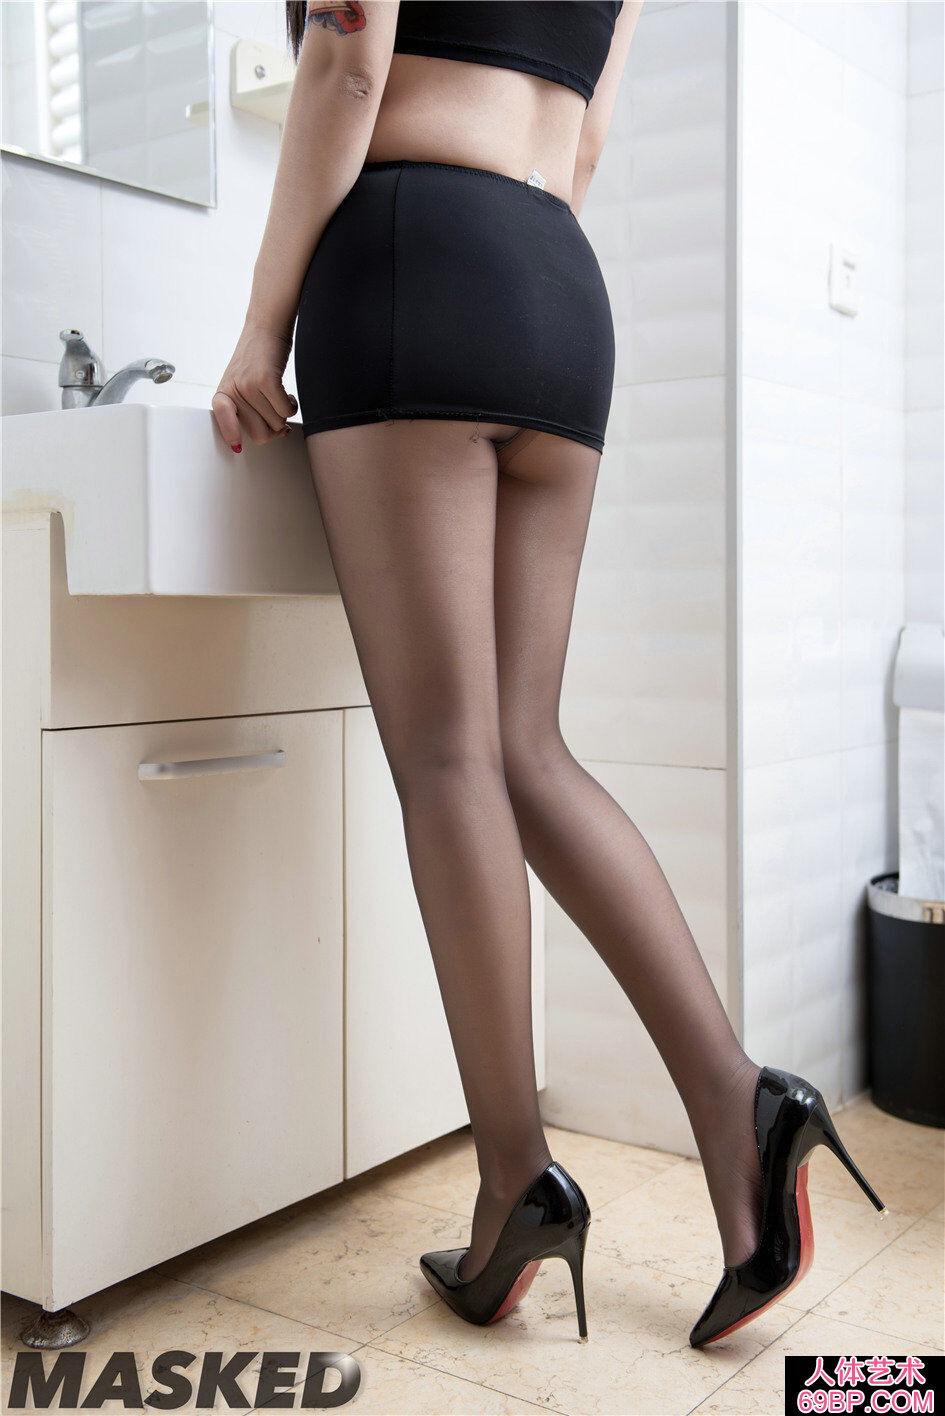 跟鞋超模的艳丽高黑丝人体写真图